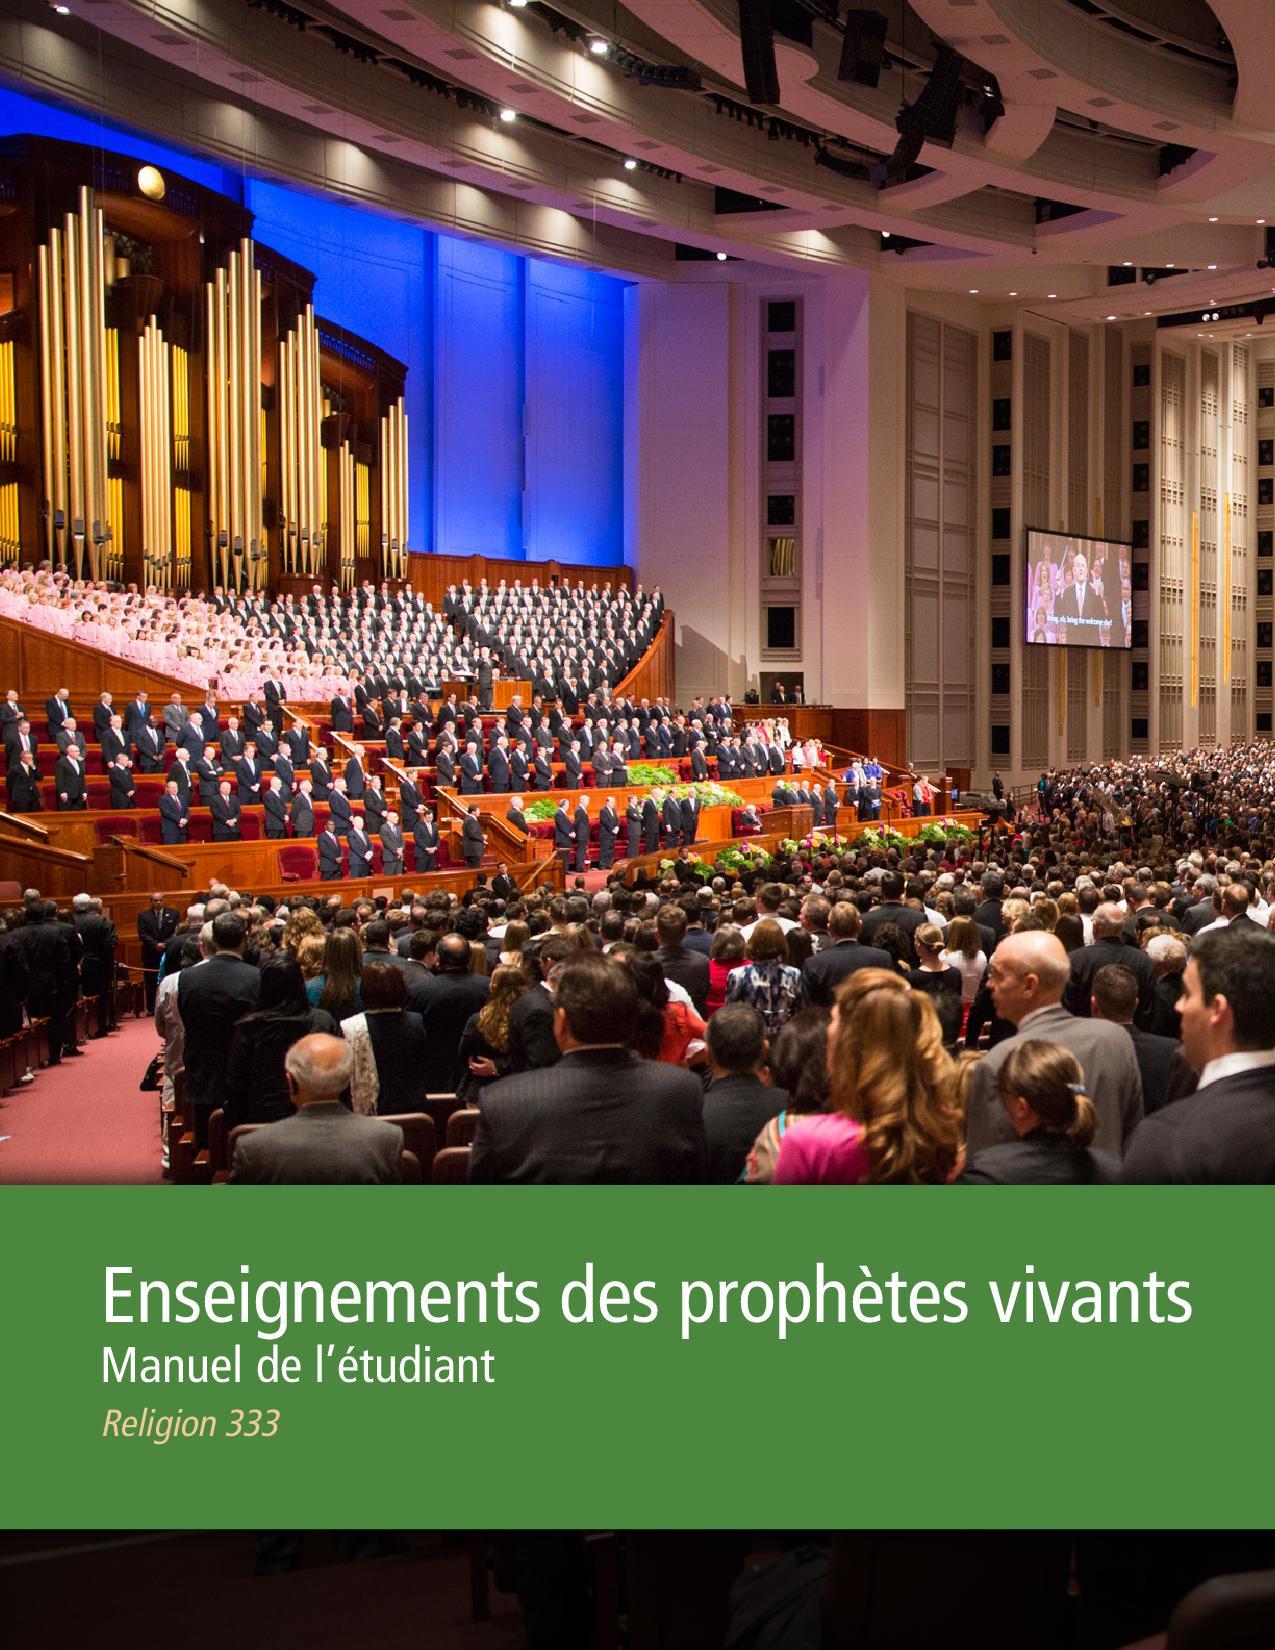 Enseignements des prophètes actuels, Manuel de l'étudiant